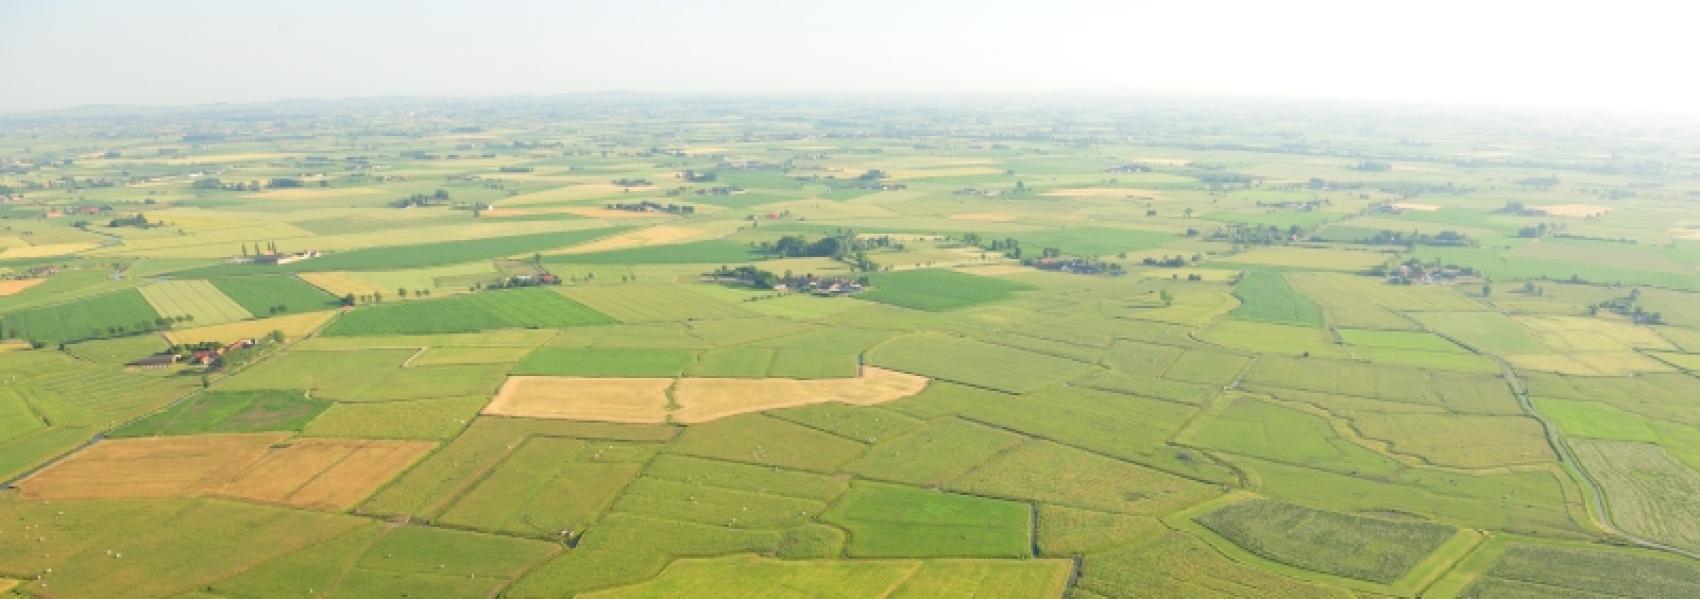 luchtfoto van de komgronden